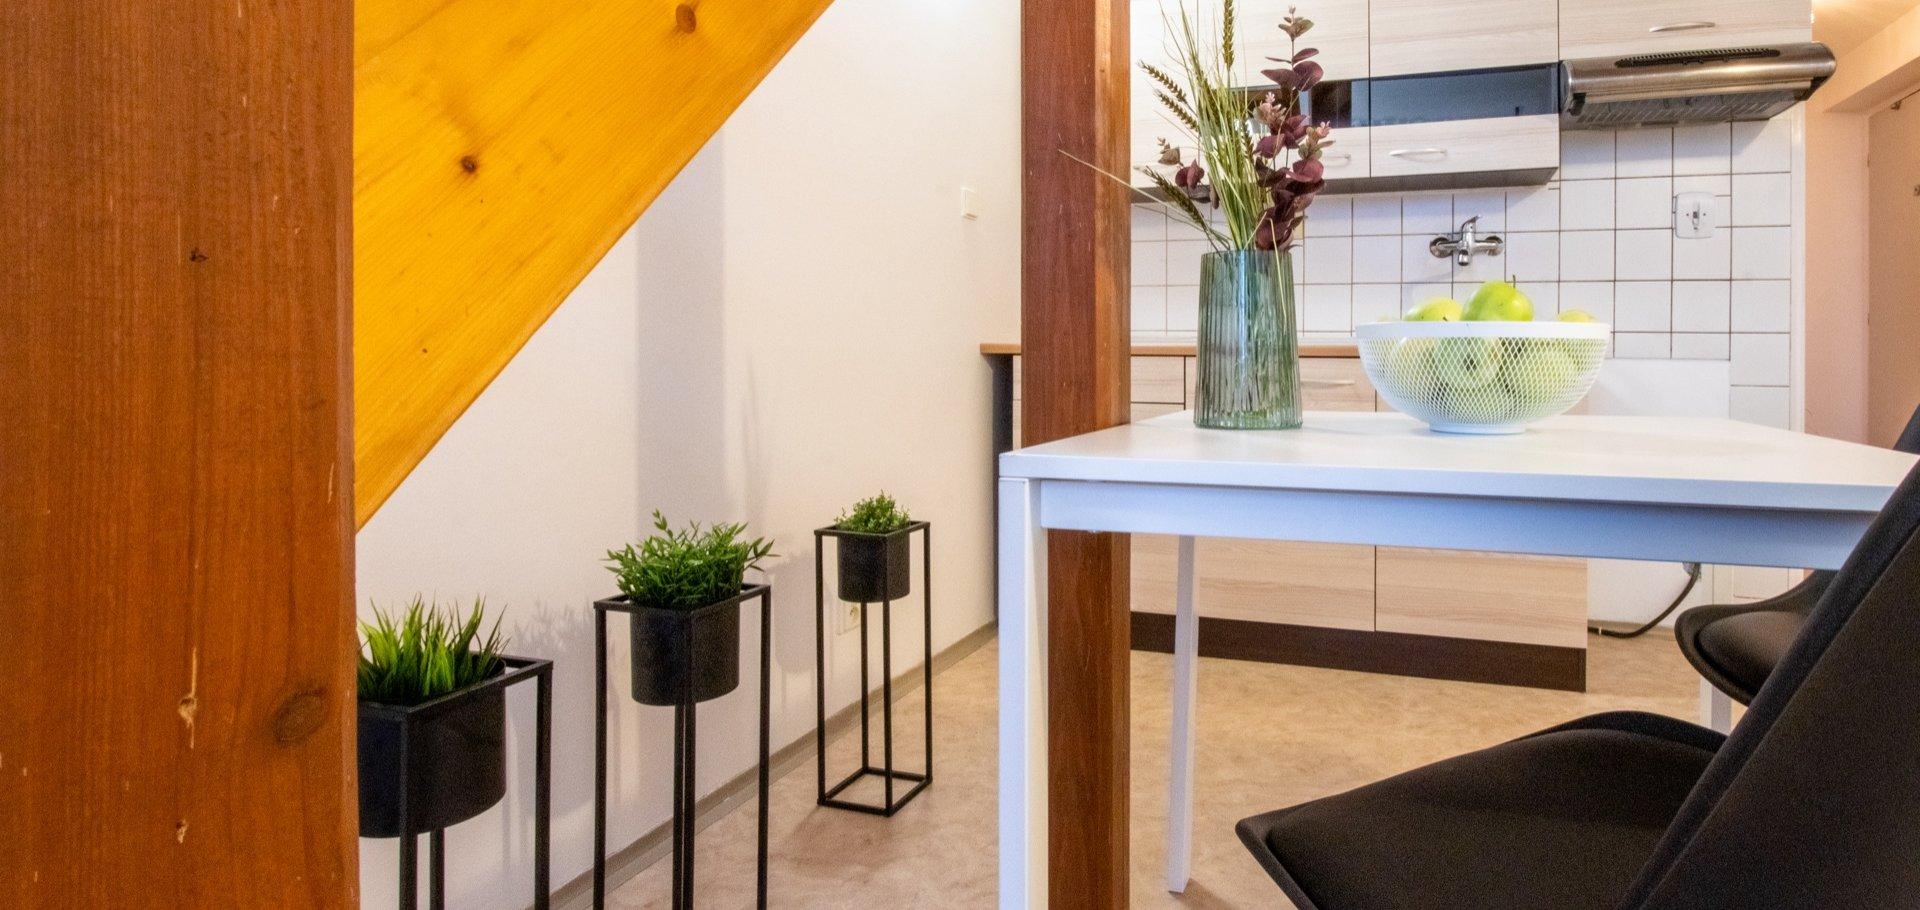 Byt 3+kk jako startovací bydlení nebo investiční příležitost Brno-Tuřany